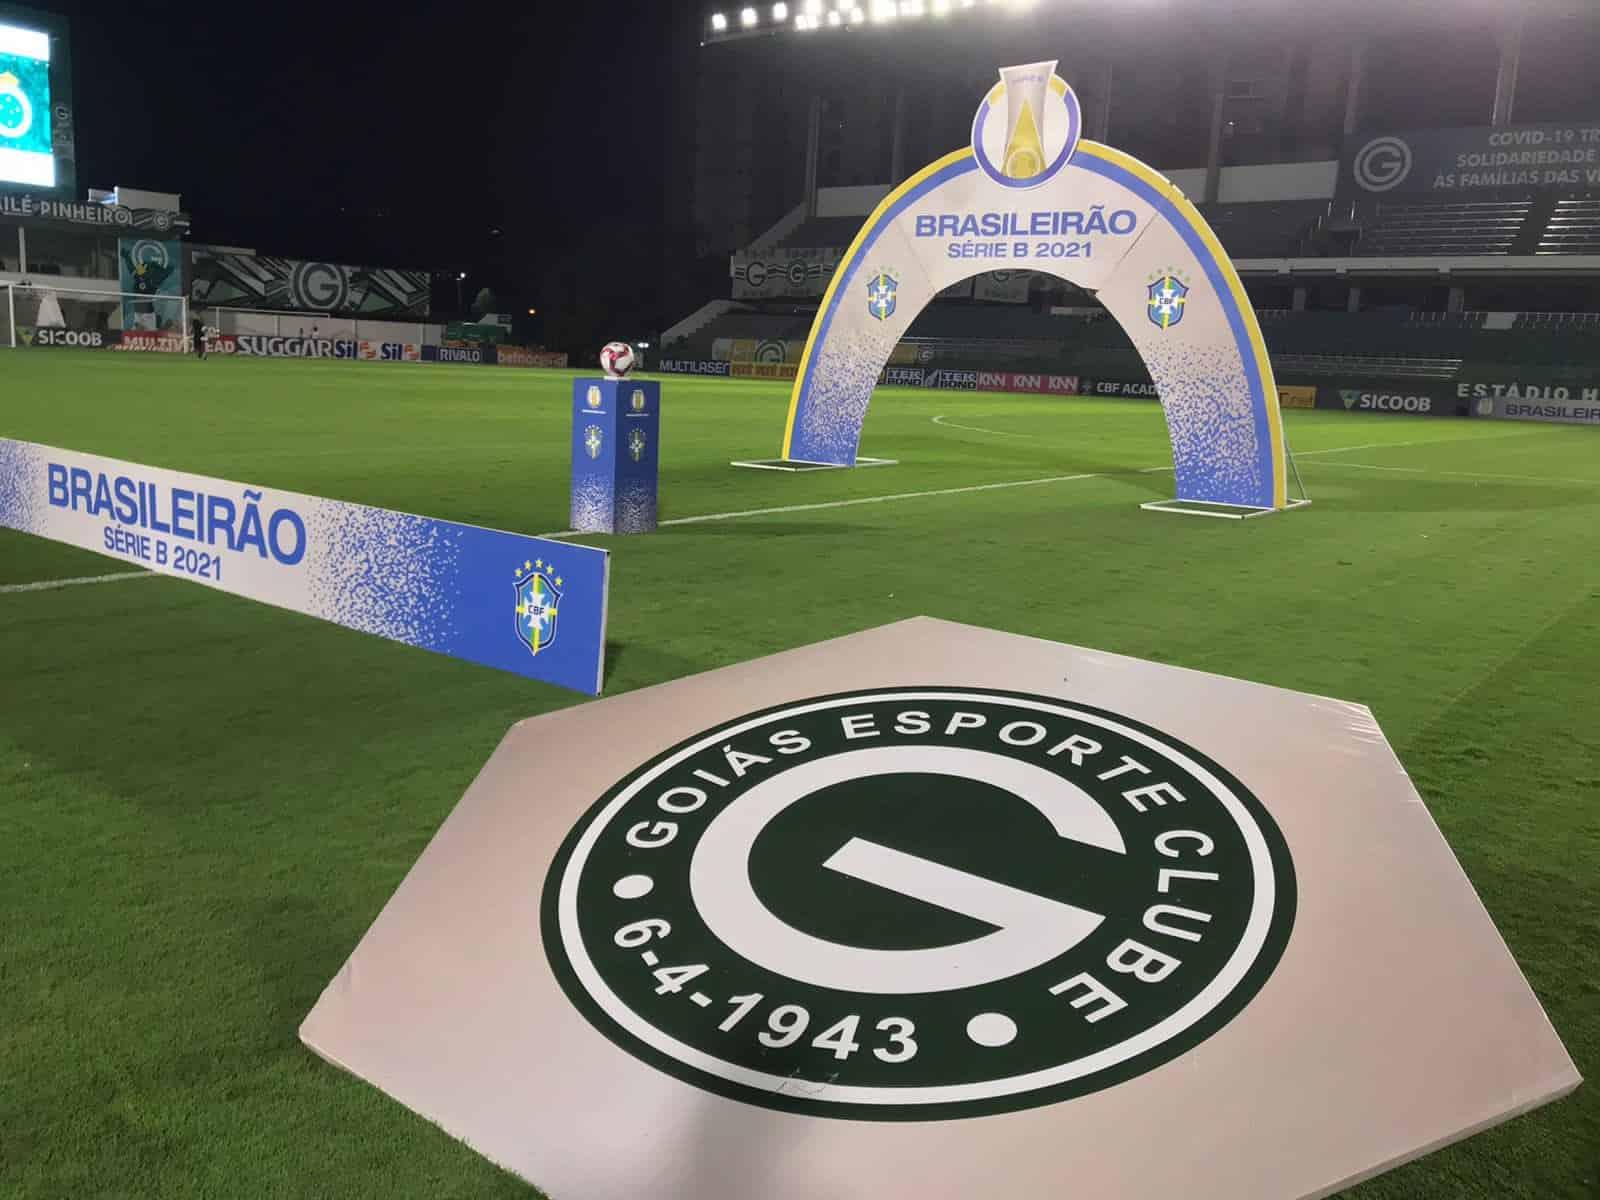 Com objetivos distintos, Goiás e Vitória se enfrentam na noite deste sábado (02), às 18h30, no Estádio Hailé Pinheiro (Serrinha)